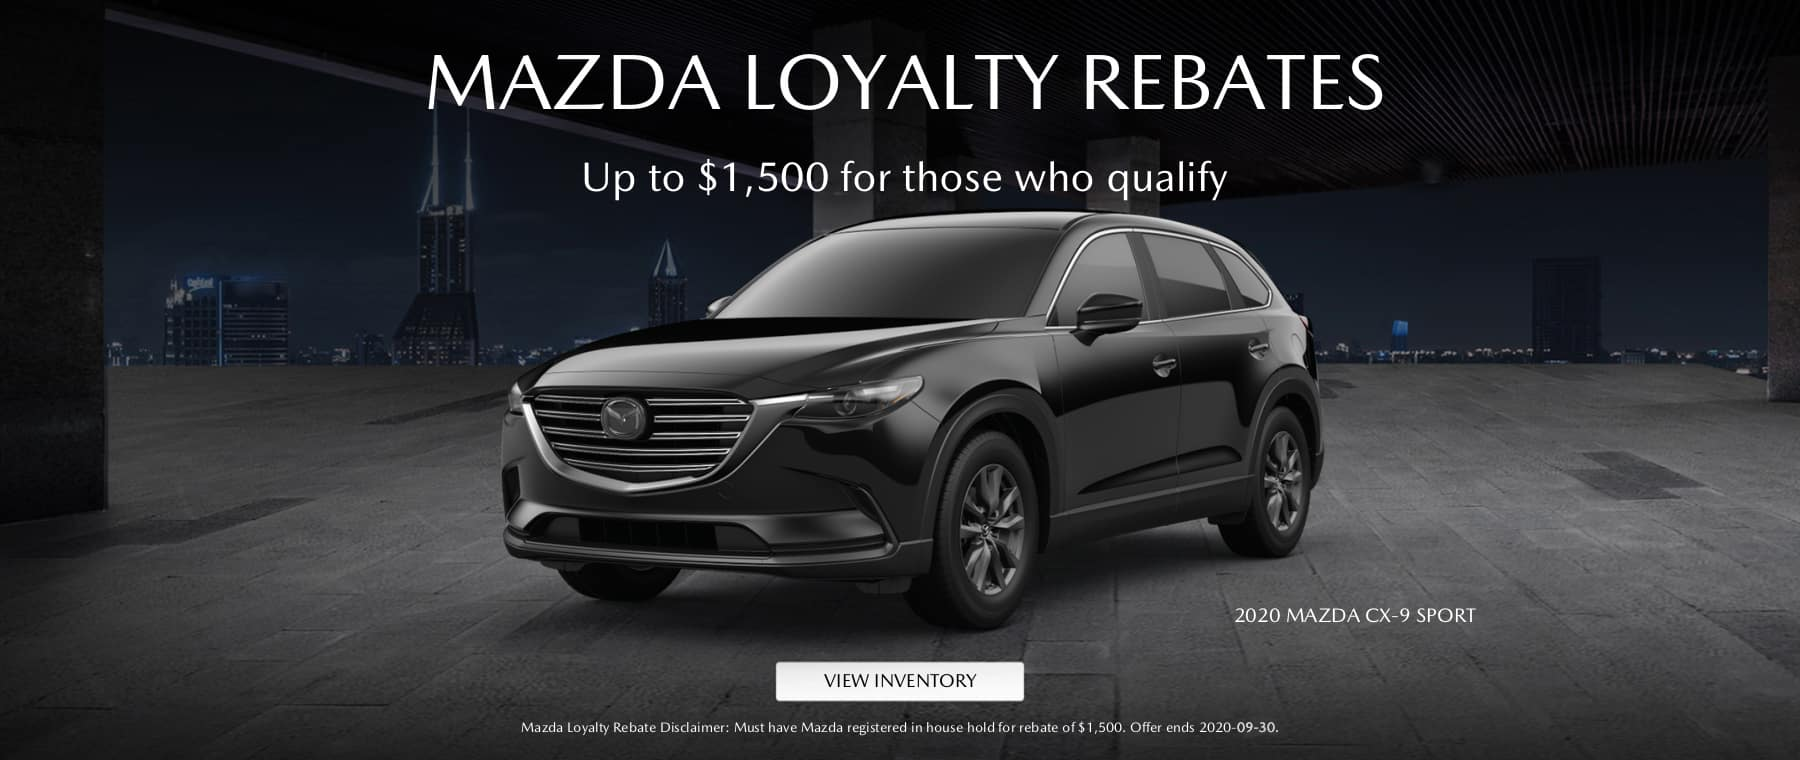 20-EAG-Mazda-LOYALTY-REBATES-SPECIAL-20-EAG-Mazda-LOYALTY-REBATES-SPECIAL-sept